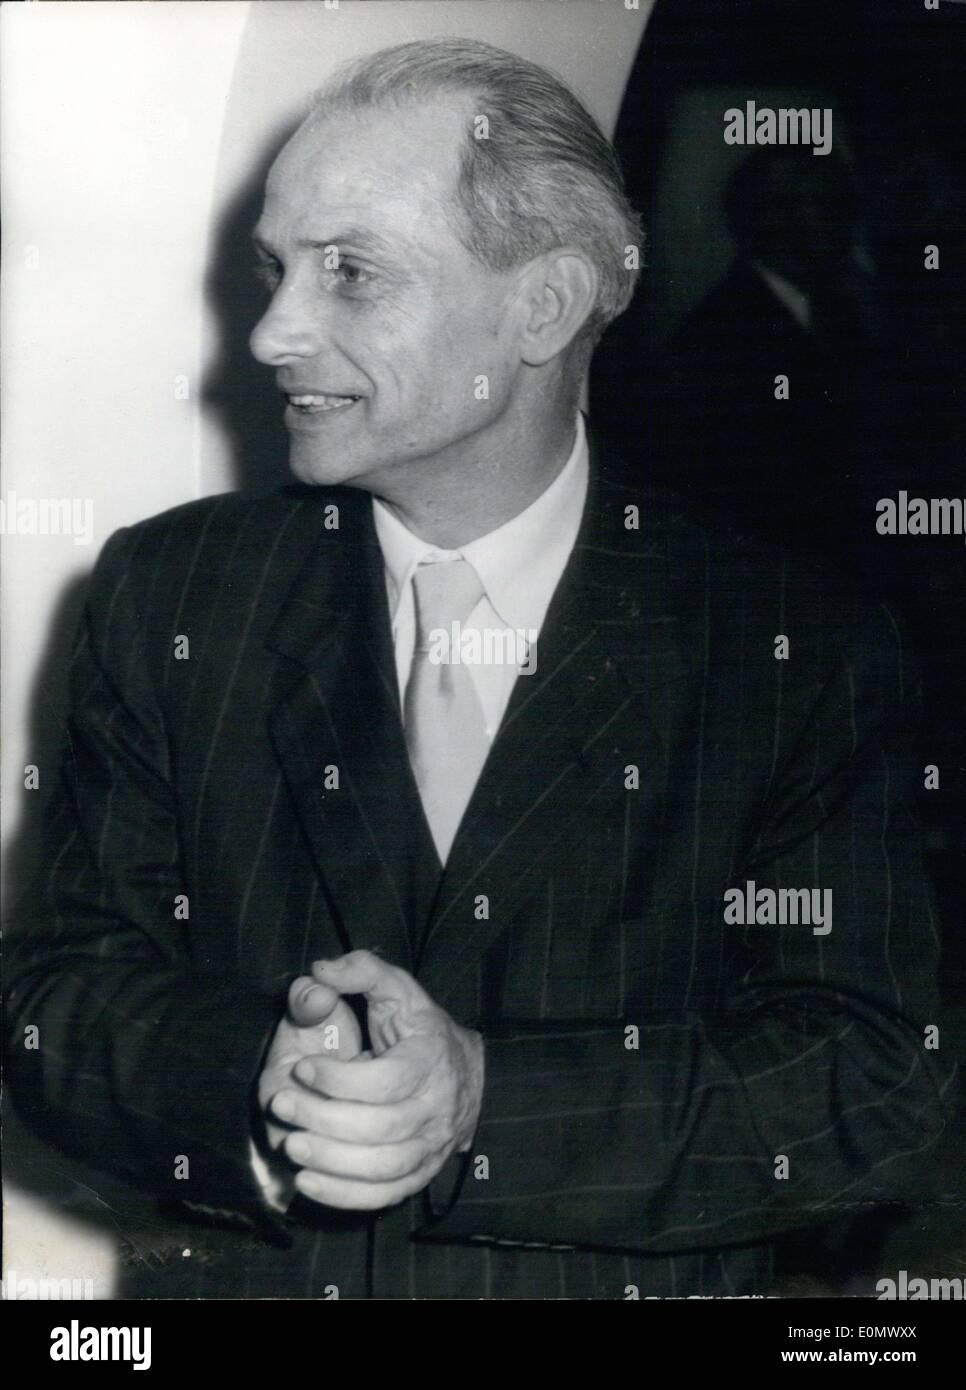 Oct. 03, 1956 - Prince von Sachsen-Altenburg - Stock Image